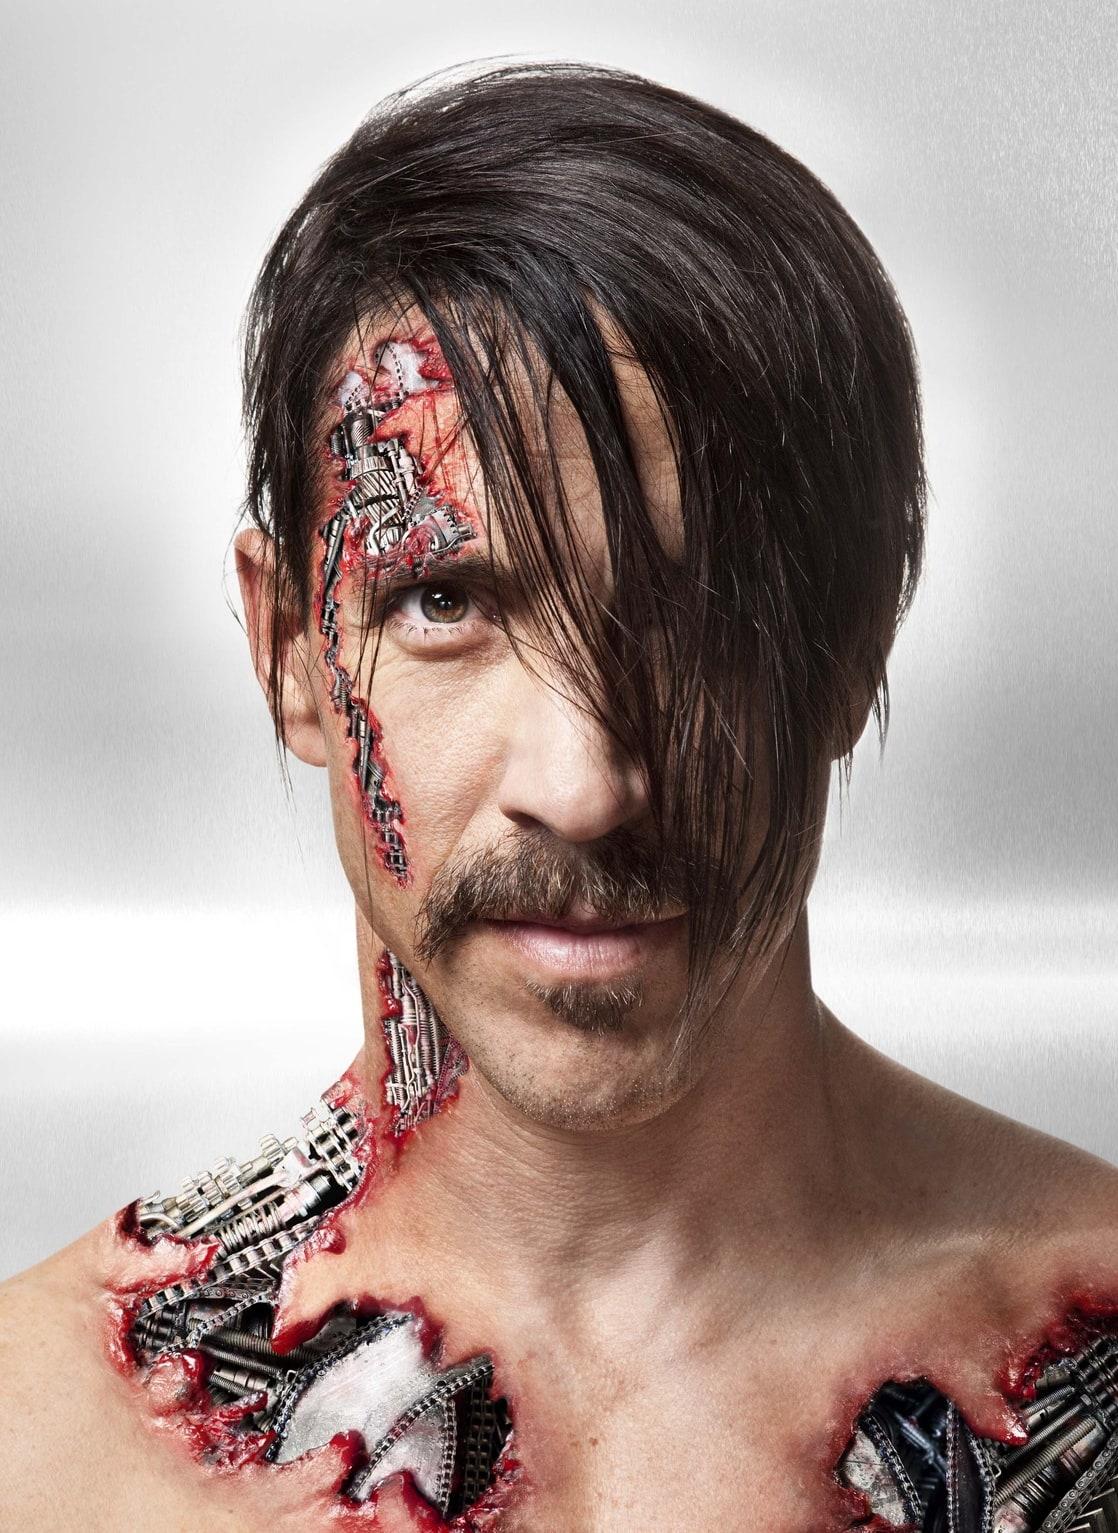 Picture of Anthony Kiedis